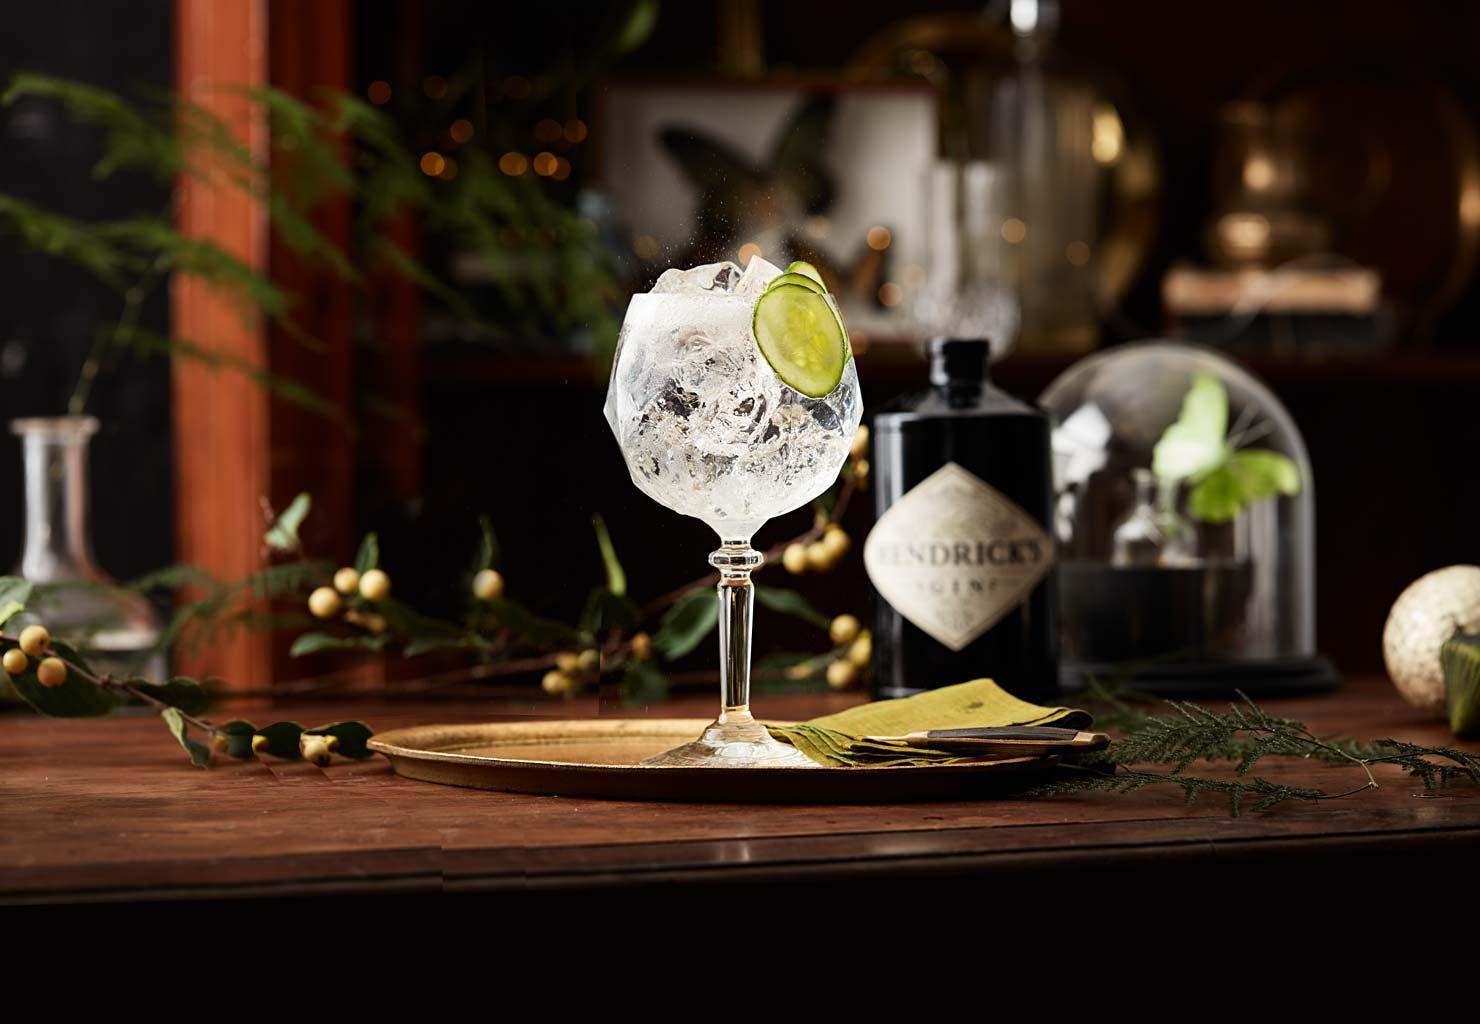 Tại sao Gin tonic không được săn đón như những dòng rượu khác?